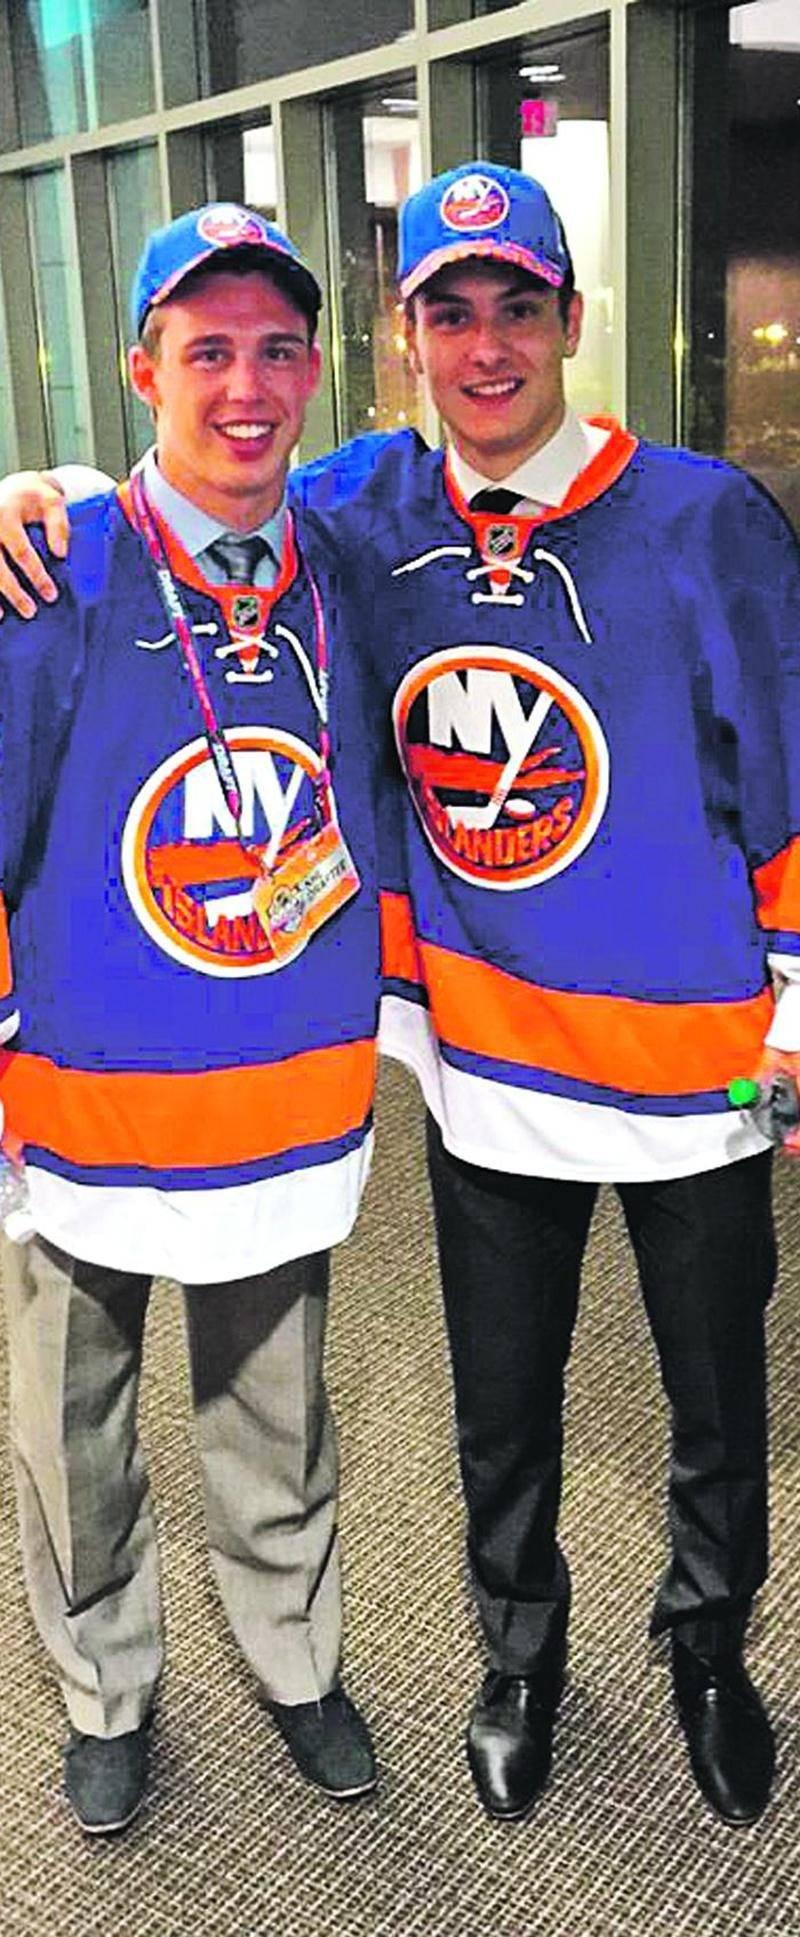 Anthony Beauvillier est maintenant membre des Islanders de New York. On le voit en compagnie de Mathew Barzal, autre choix de première ronde de la formation new-yorkaise. Photo Twitter New York Islanders (@NYIslanders) ©